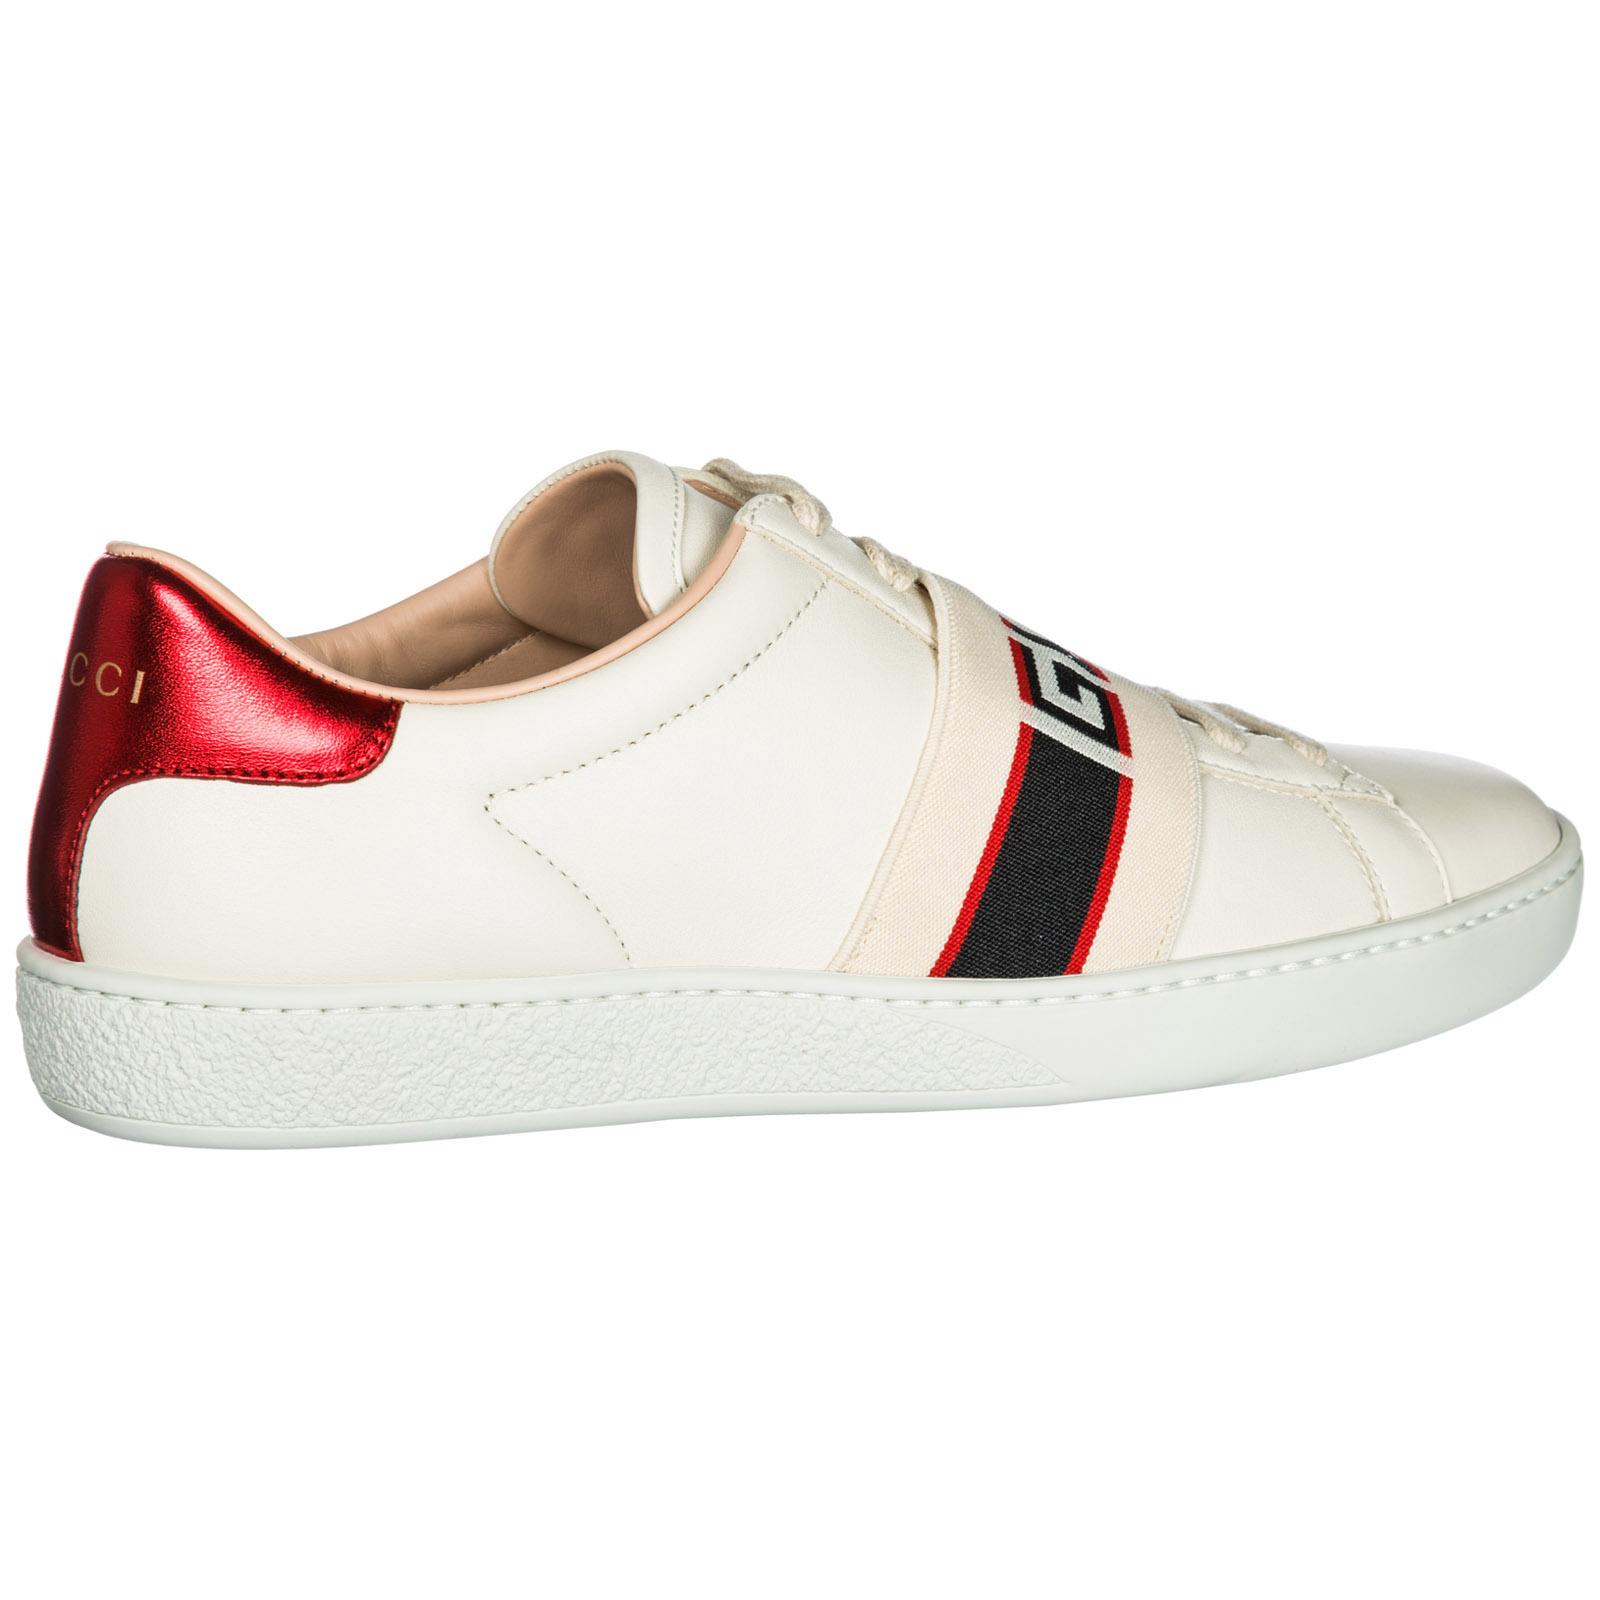 9c431546d65 ... Chaussures baskets sneakers femme en cuir ace ...